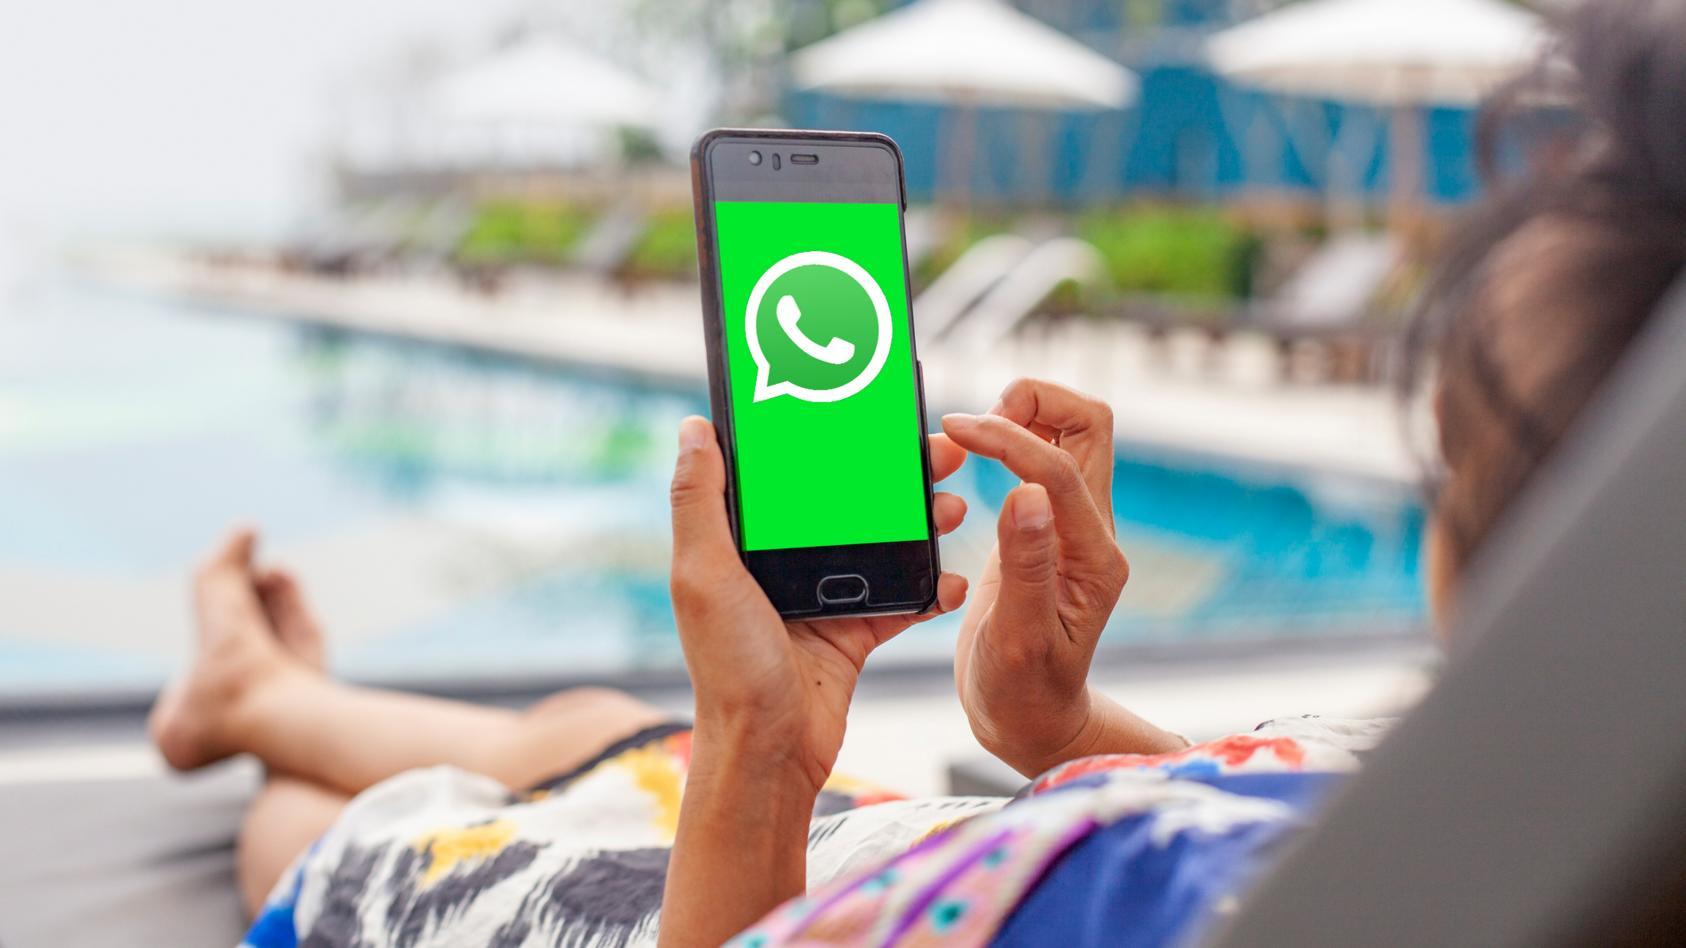 Den Urlaub genießen, ohne von (manchen) WhatsApp-Chats gestört zu werden? Diese Funktion macht's möglich!